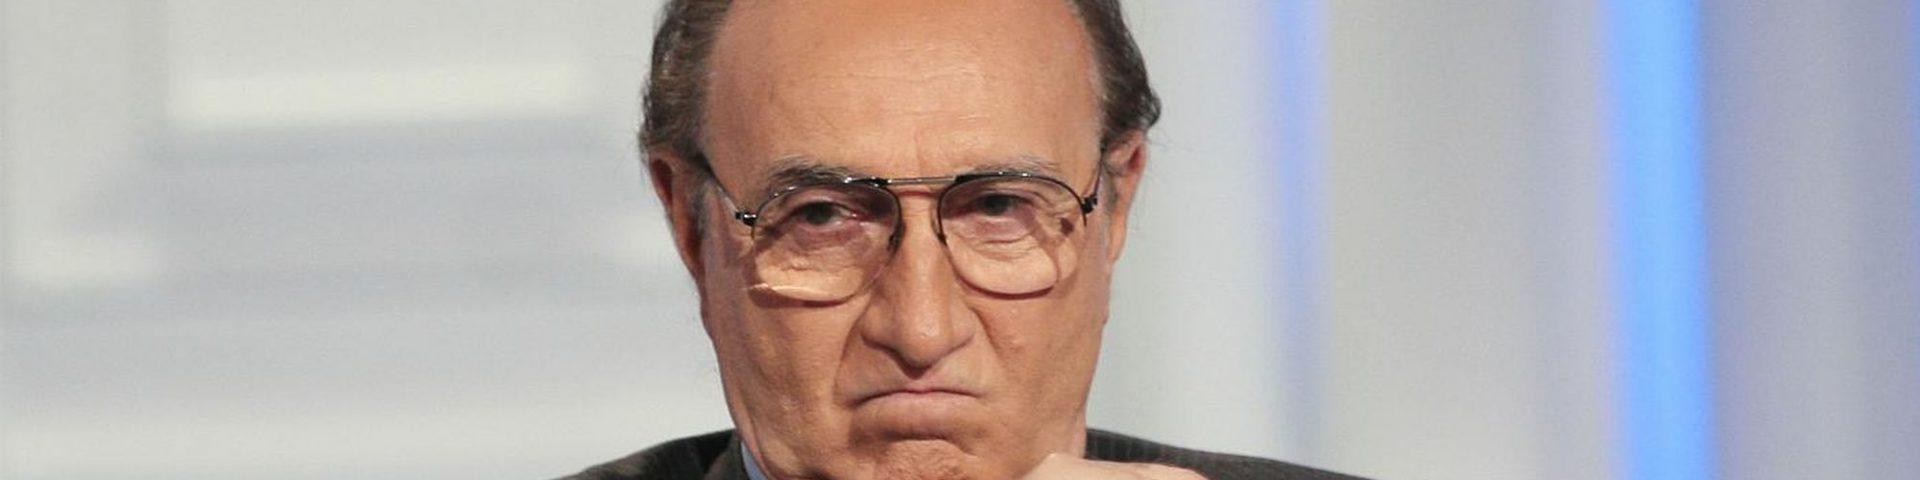 Sanremo Giovani 2018: Pippo Baudo e Fabio Rovazzi alla conduzione?